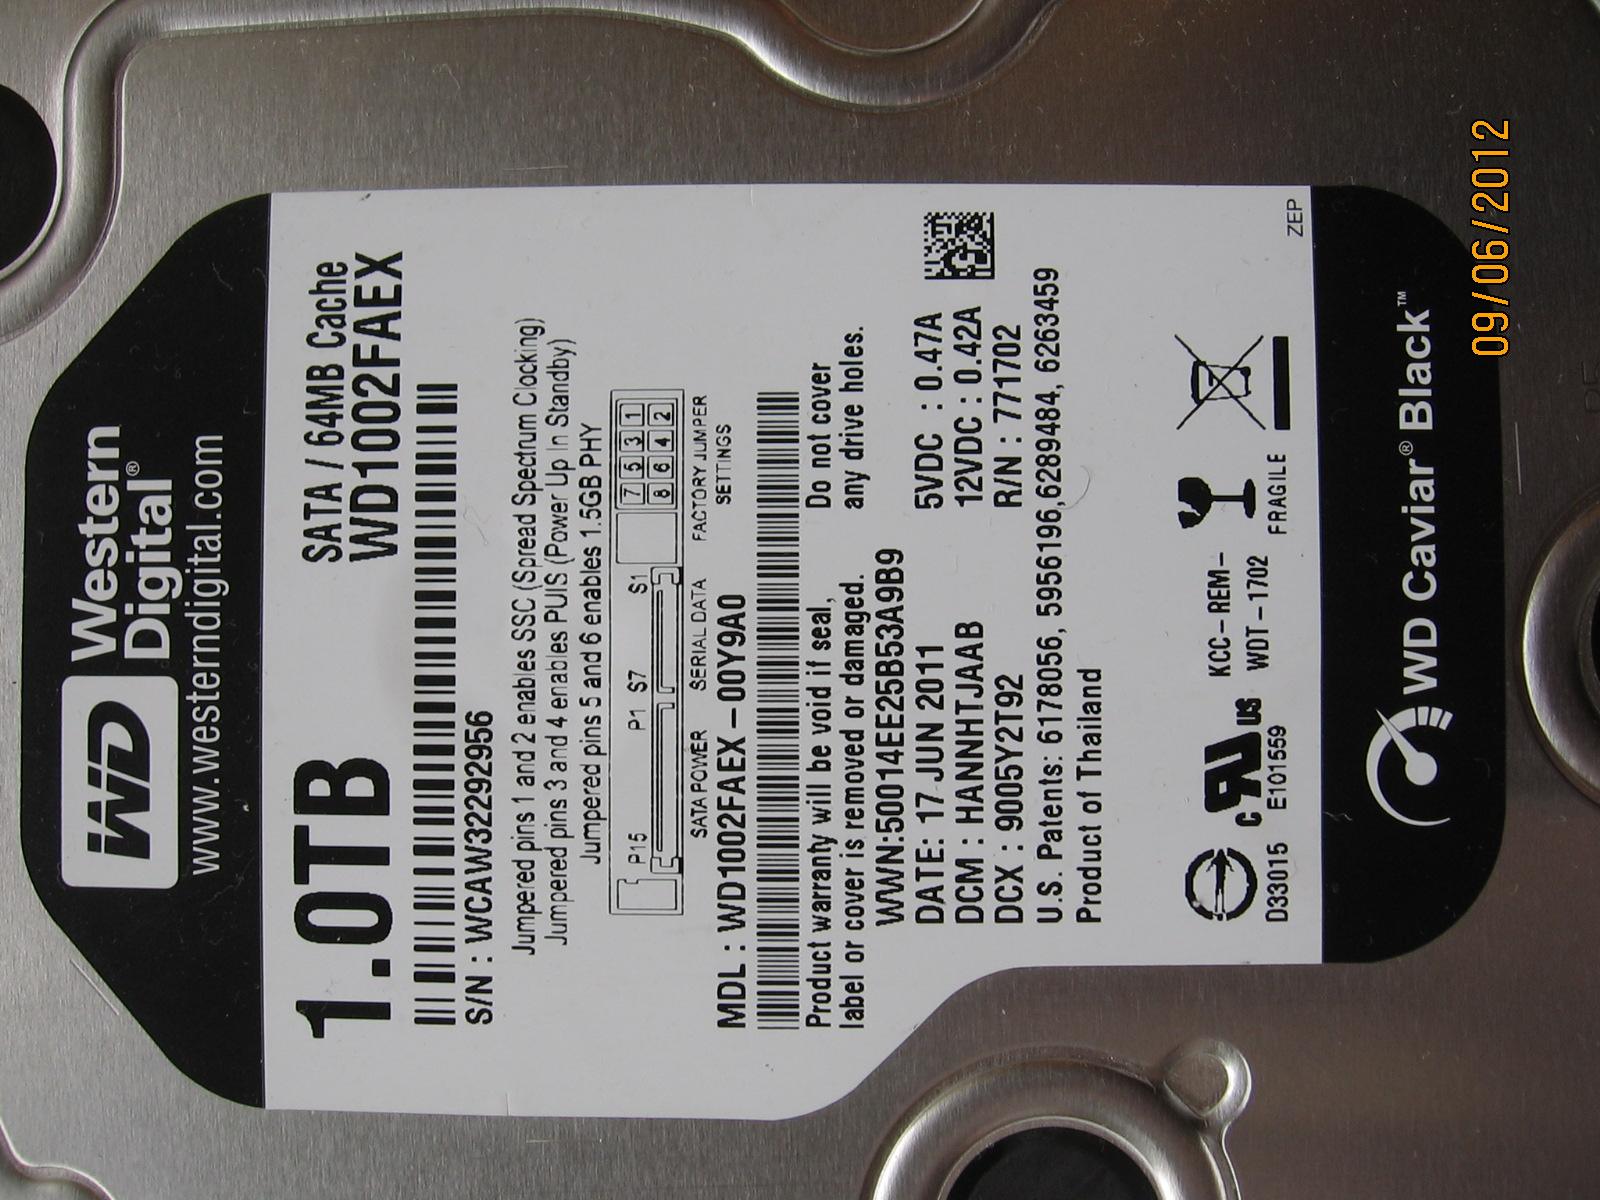 Dysk WD1002FAEX czy to spalona elektronika?